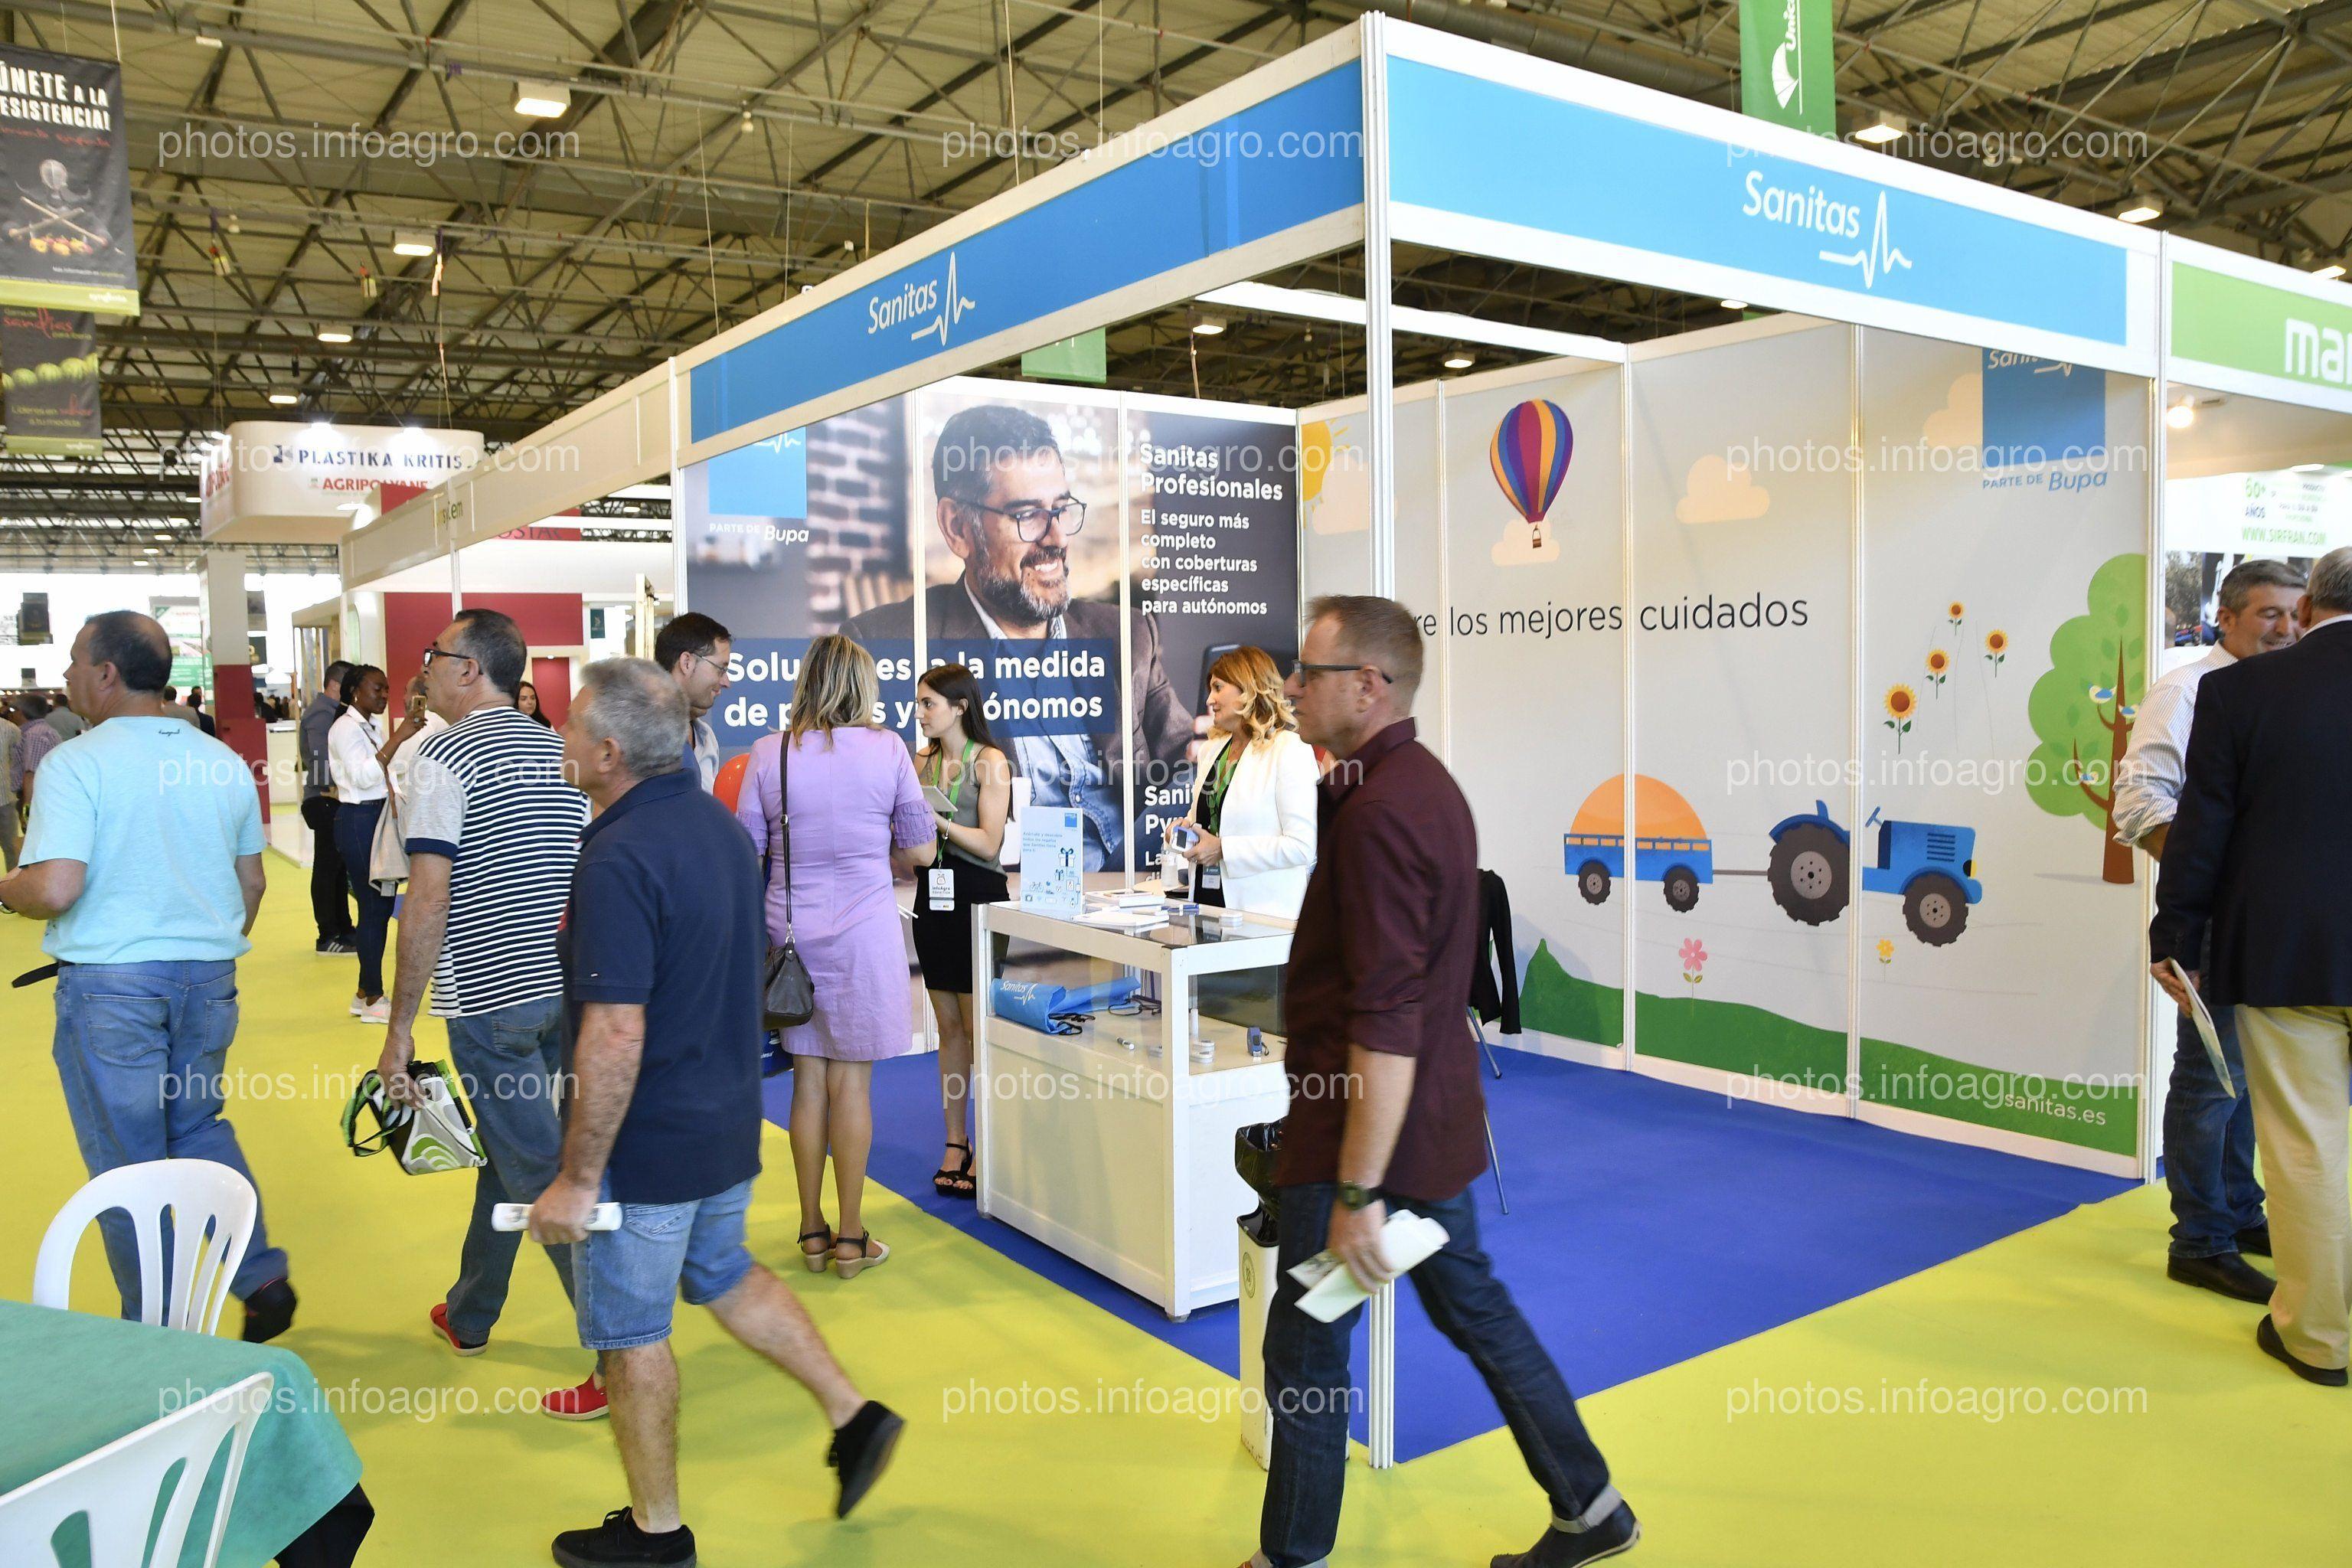 Sanitas - Stand Infoagro Exhibition